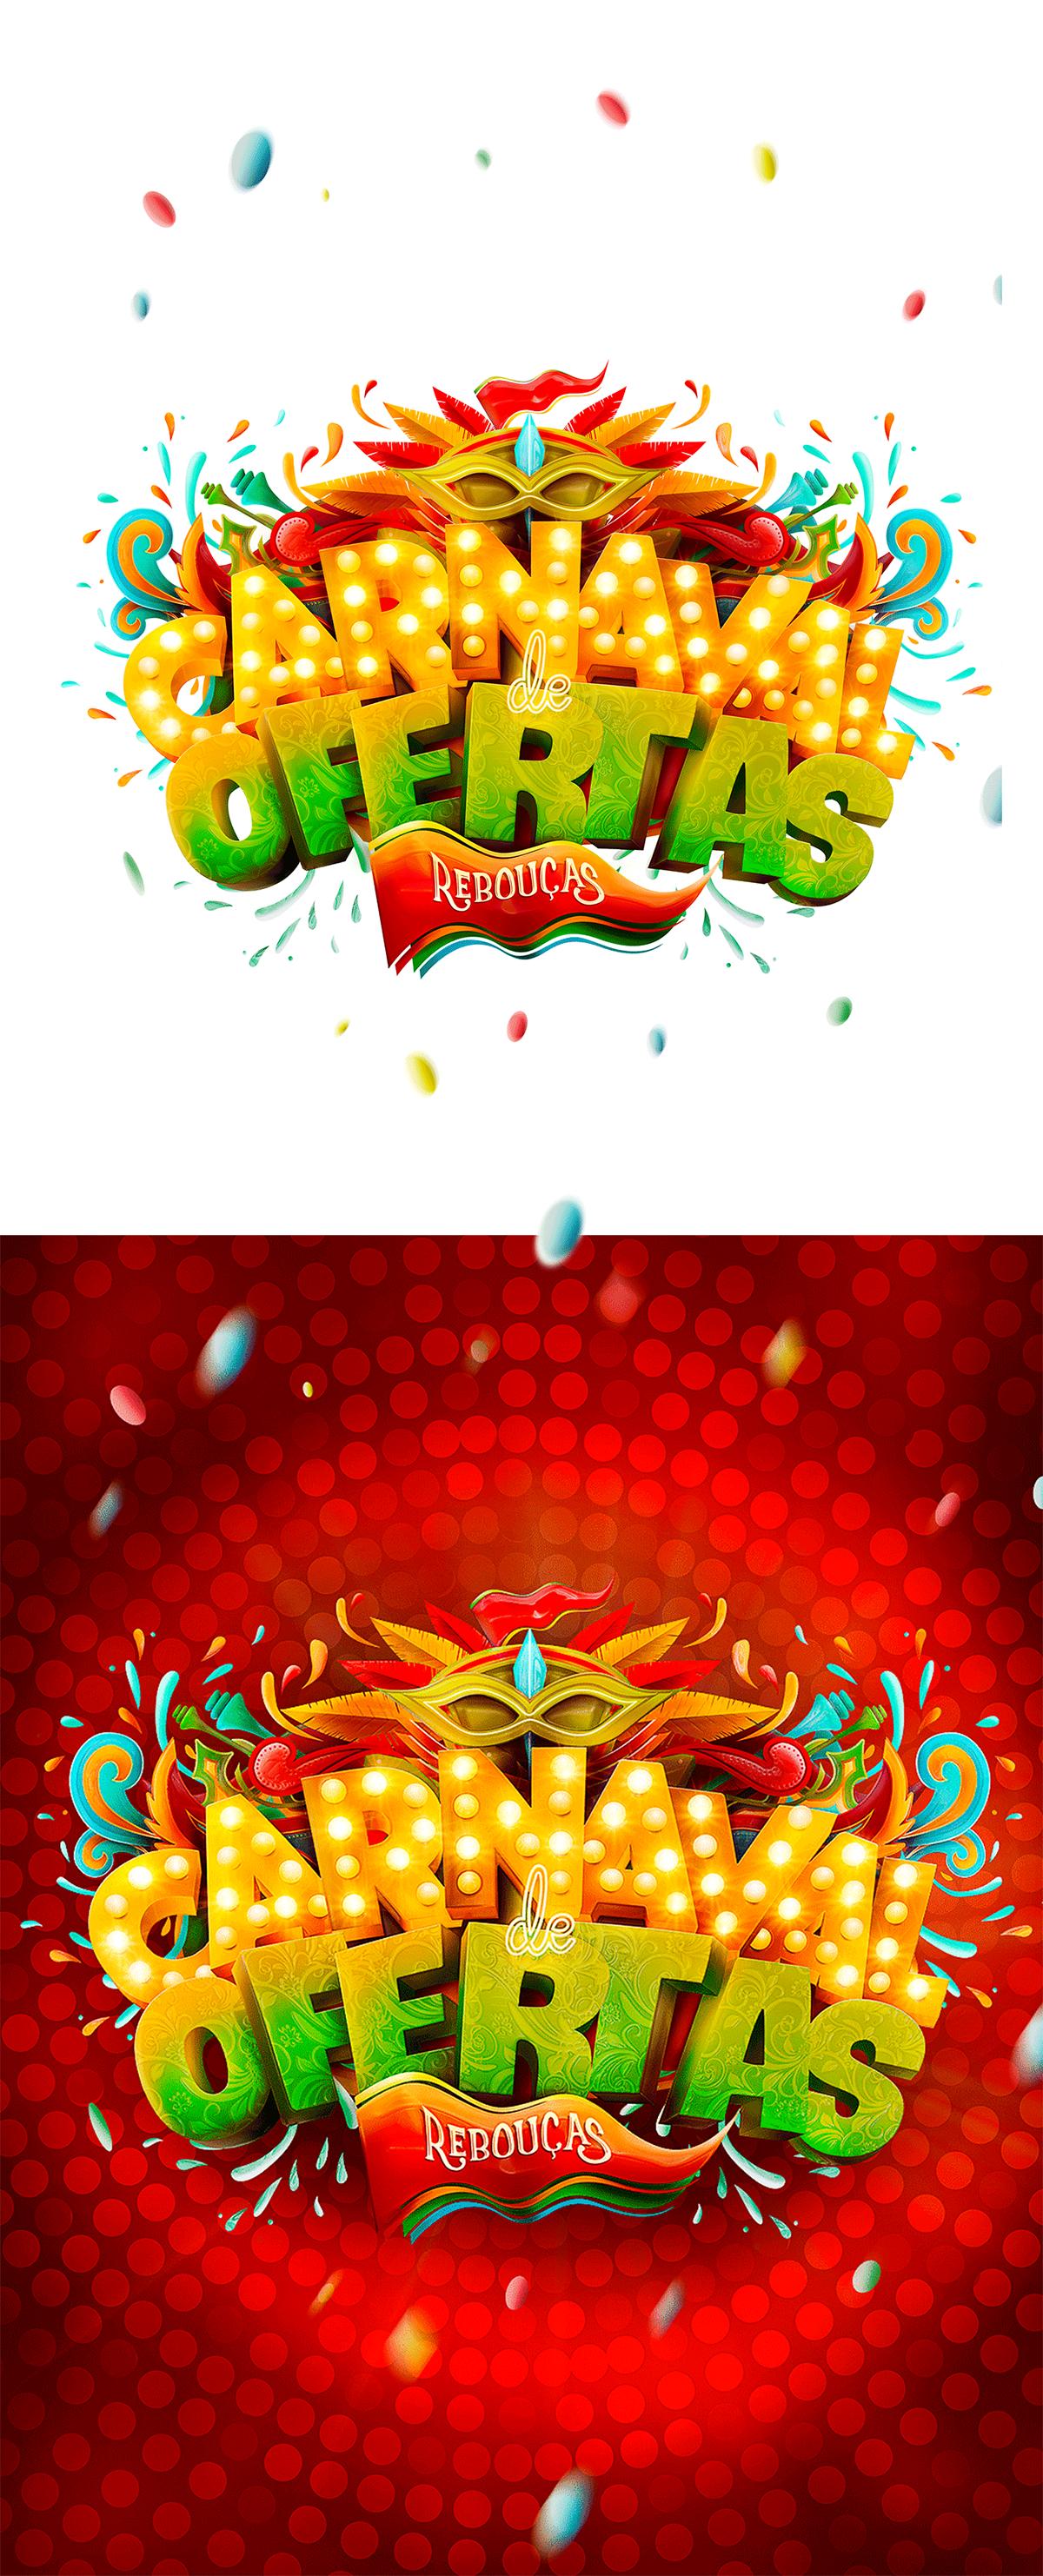 Carnaval de Ofertas, por Nixon Nicholas (Foto: Reprodução).